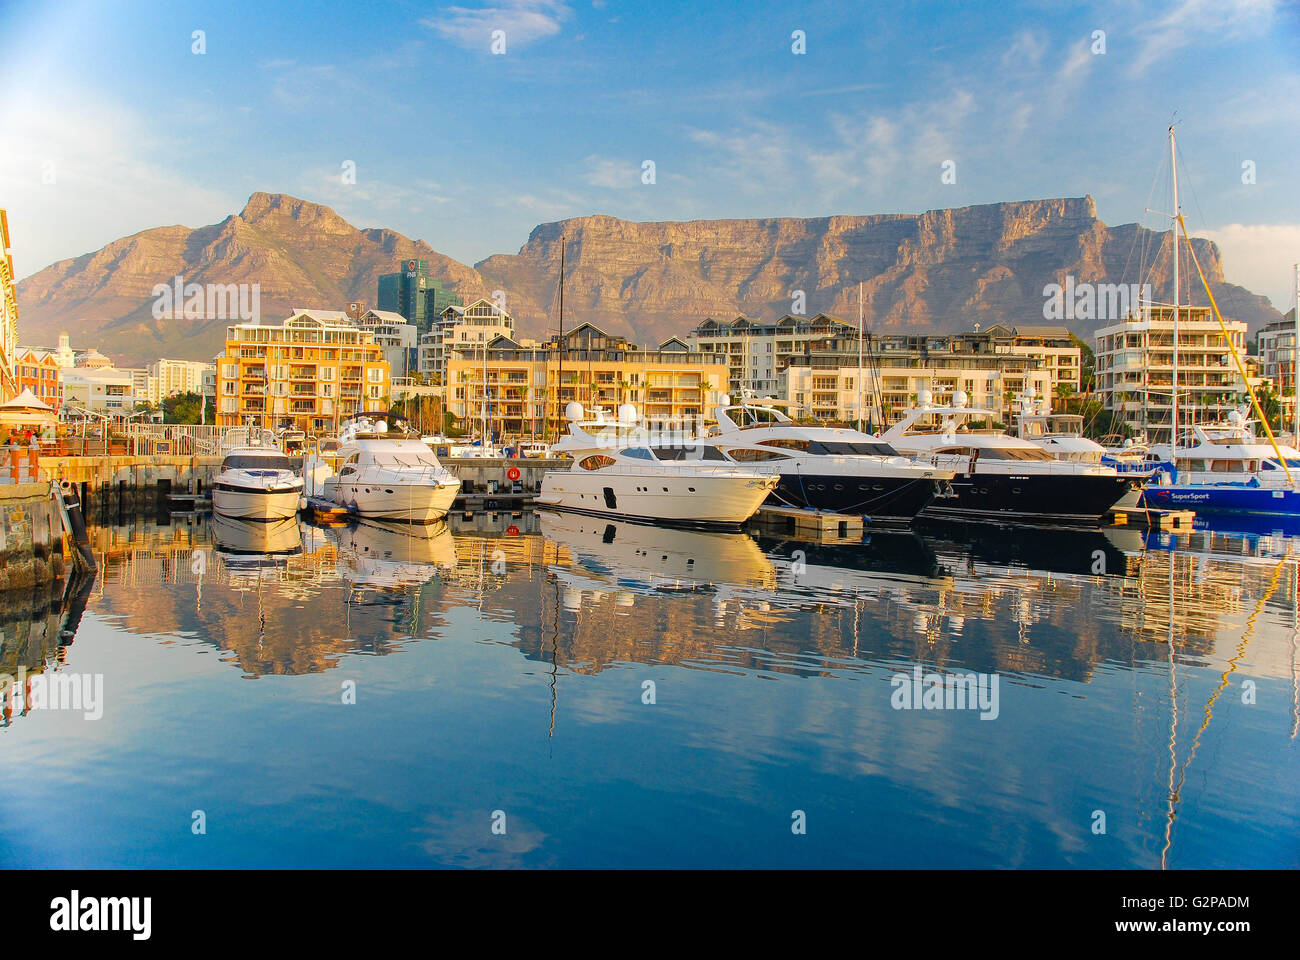 V&A Waterfront au Cap avec la toile de fond de Table Mountain, Afrique du Sud Banque D'Images